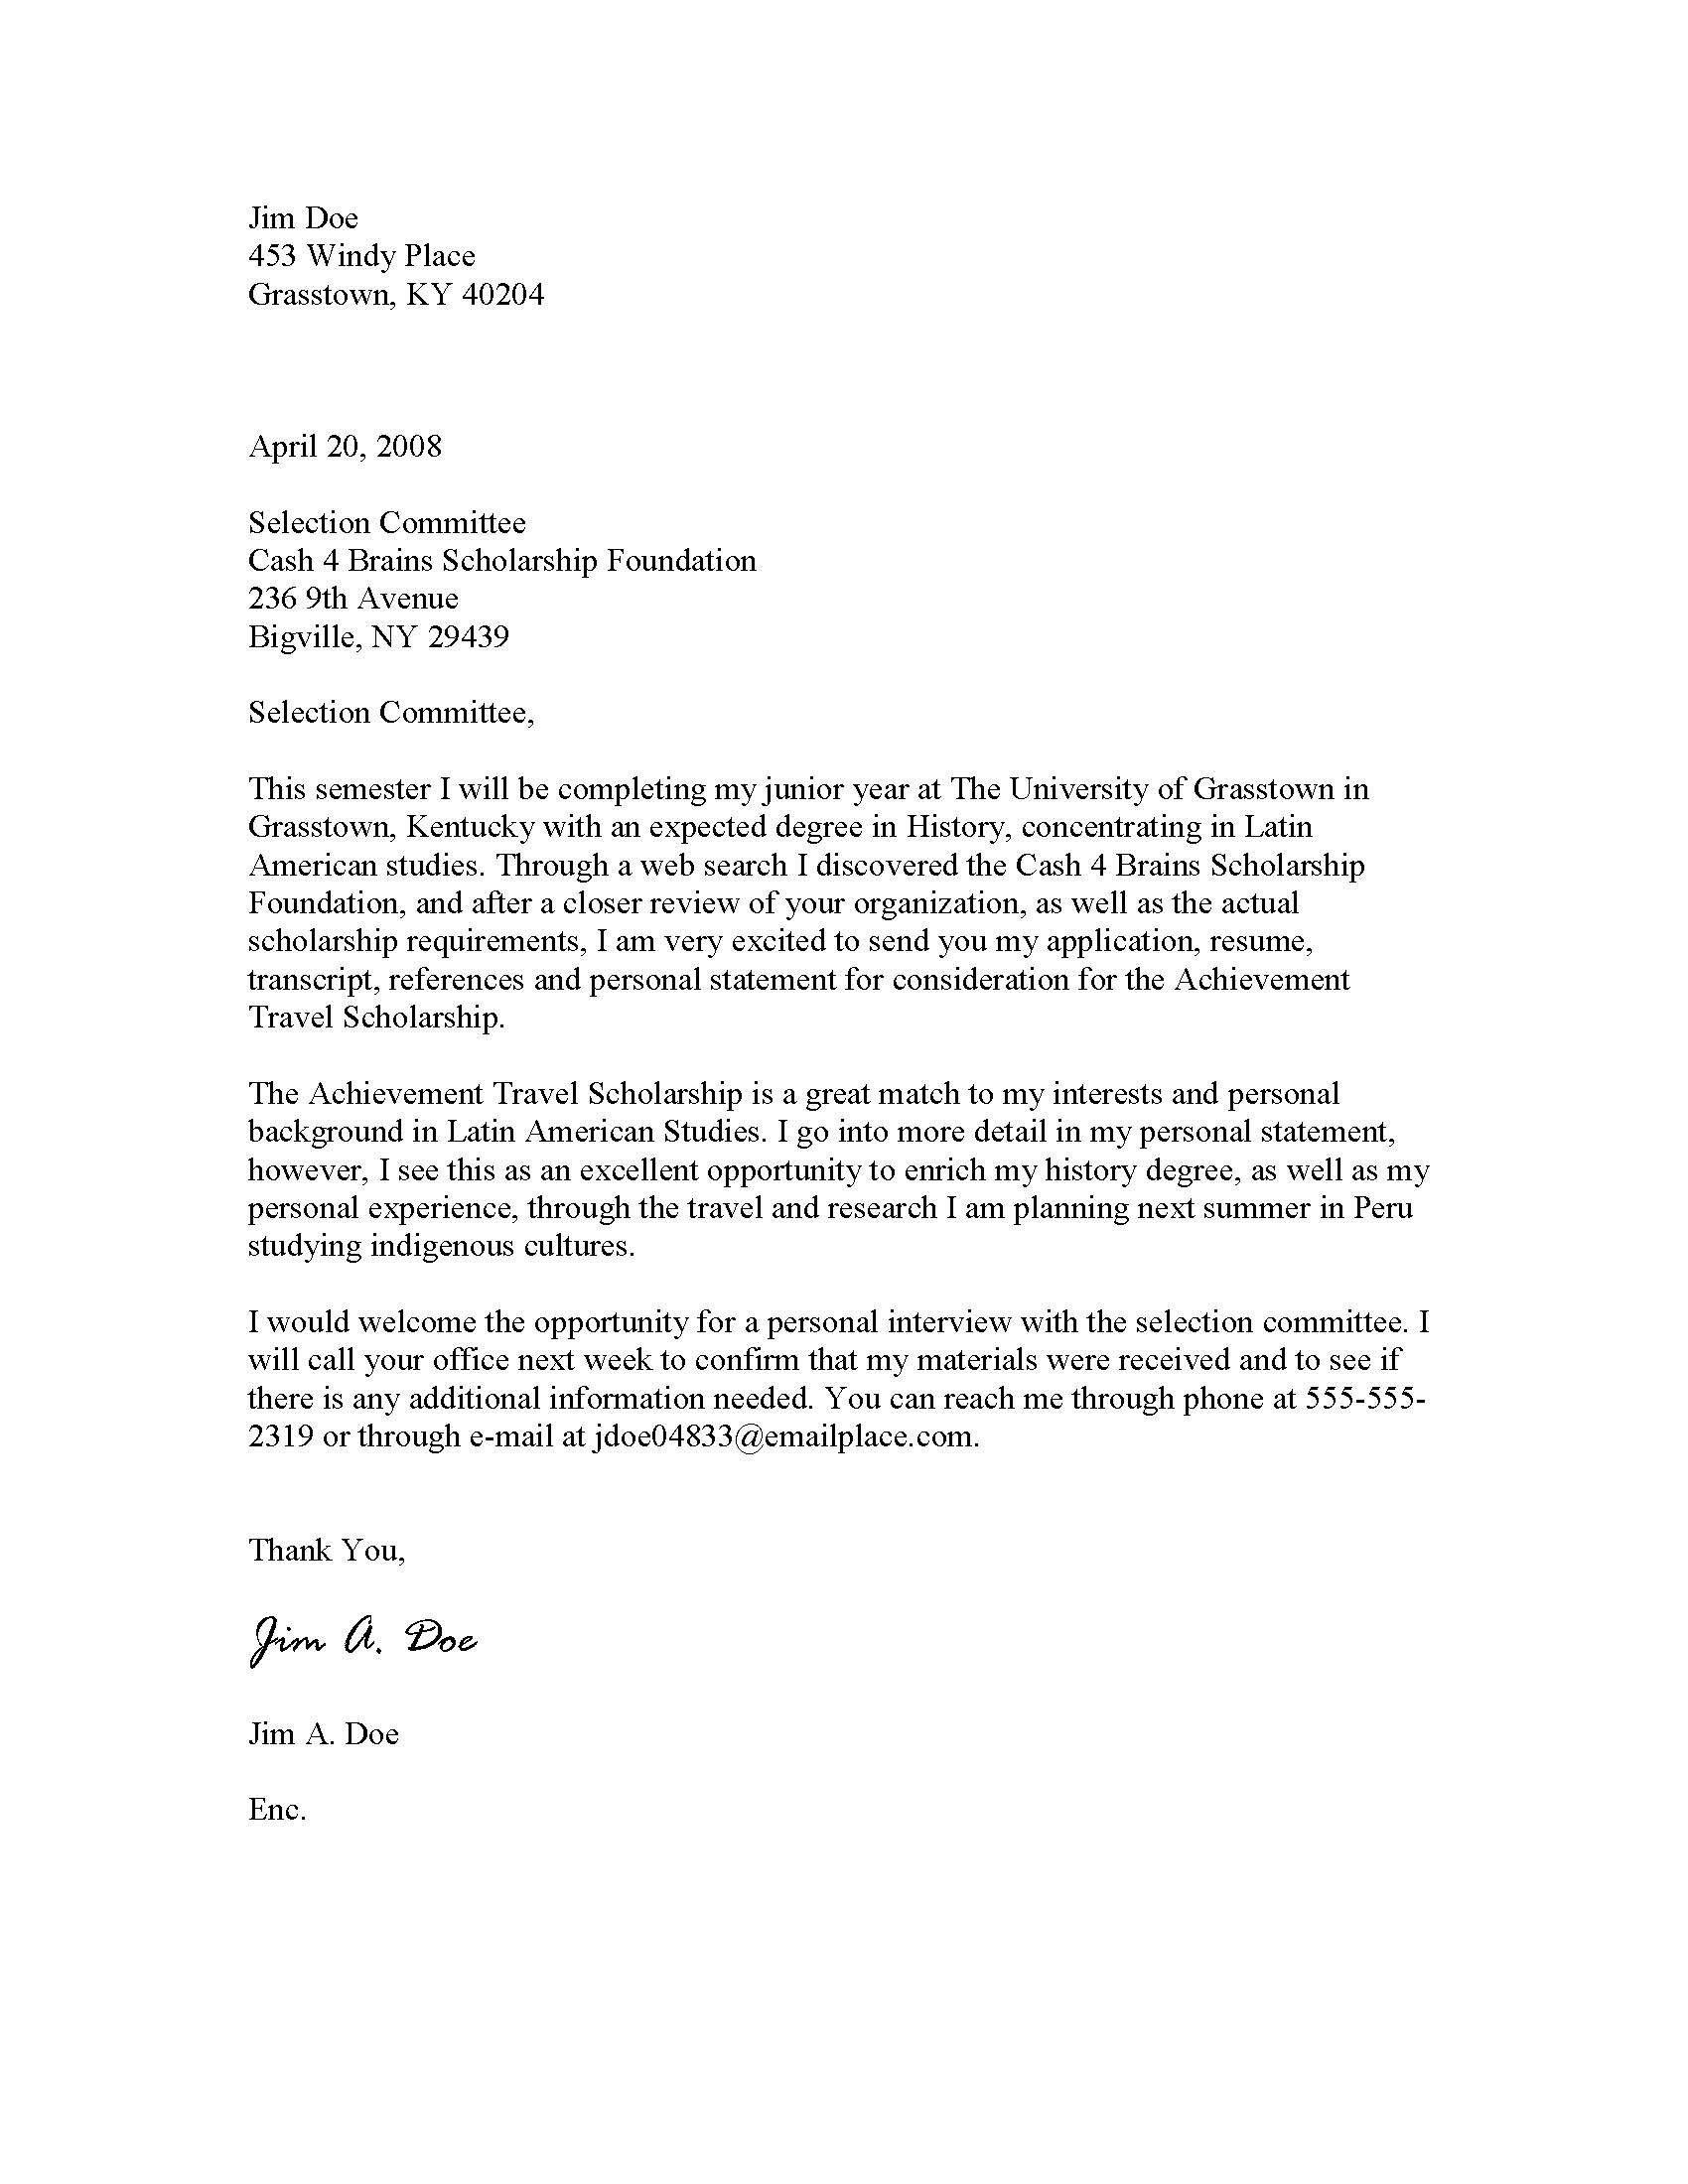 cover letter application letter  Job cover letter, Cover letter